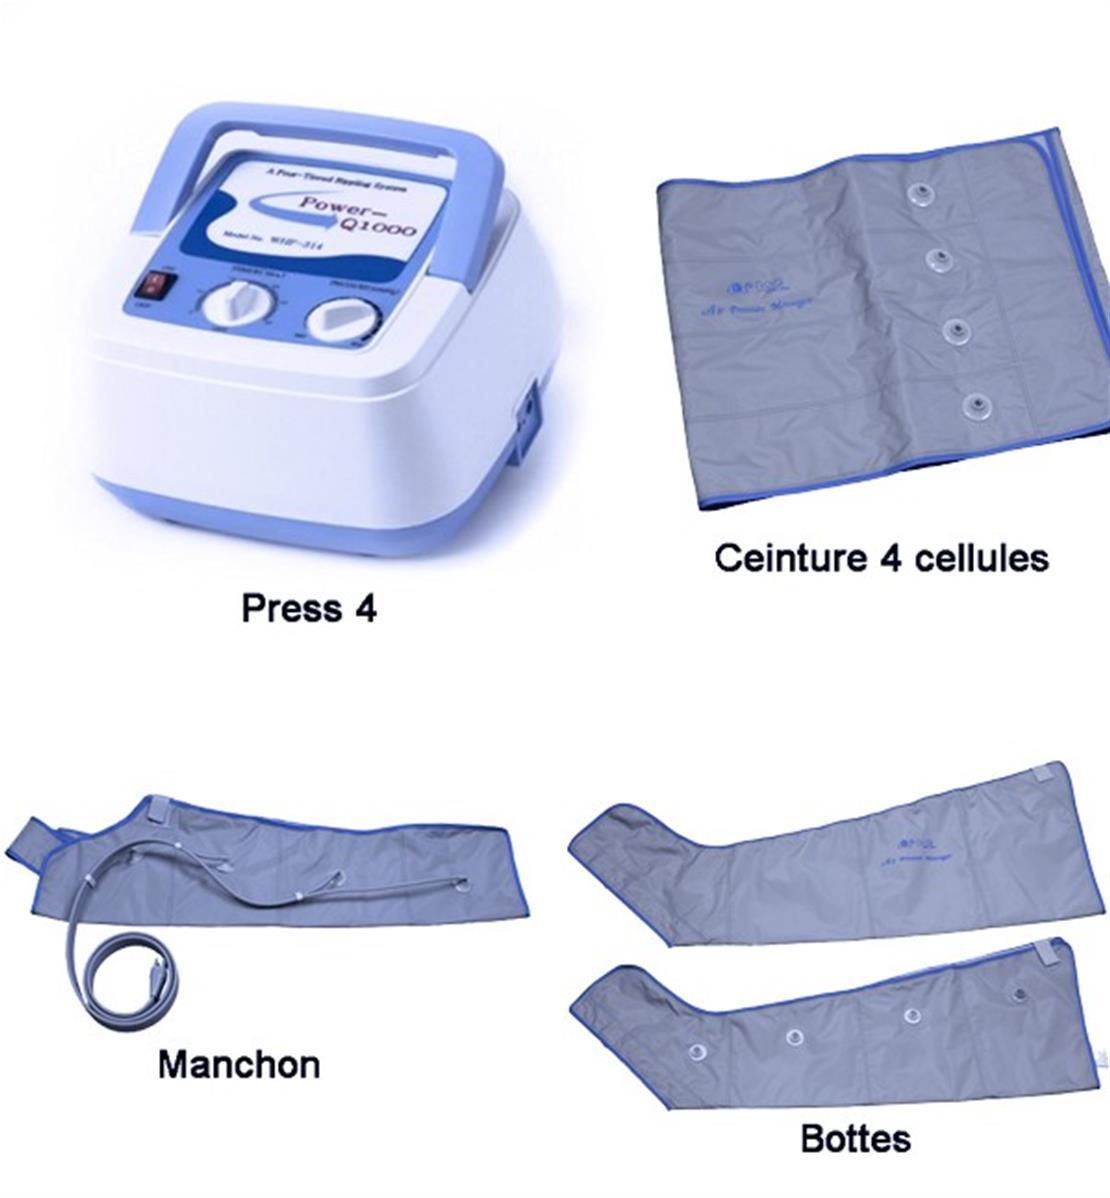 Appareil Pressotherapie +bottes +ceinture +manchon+ ...